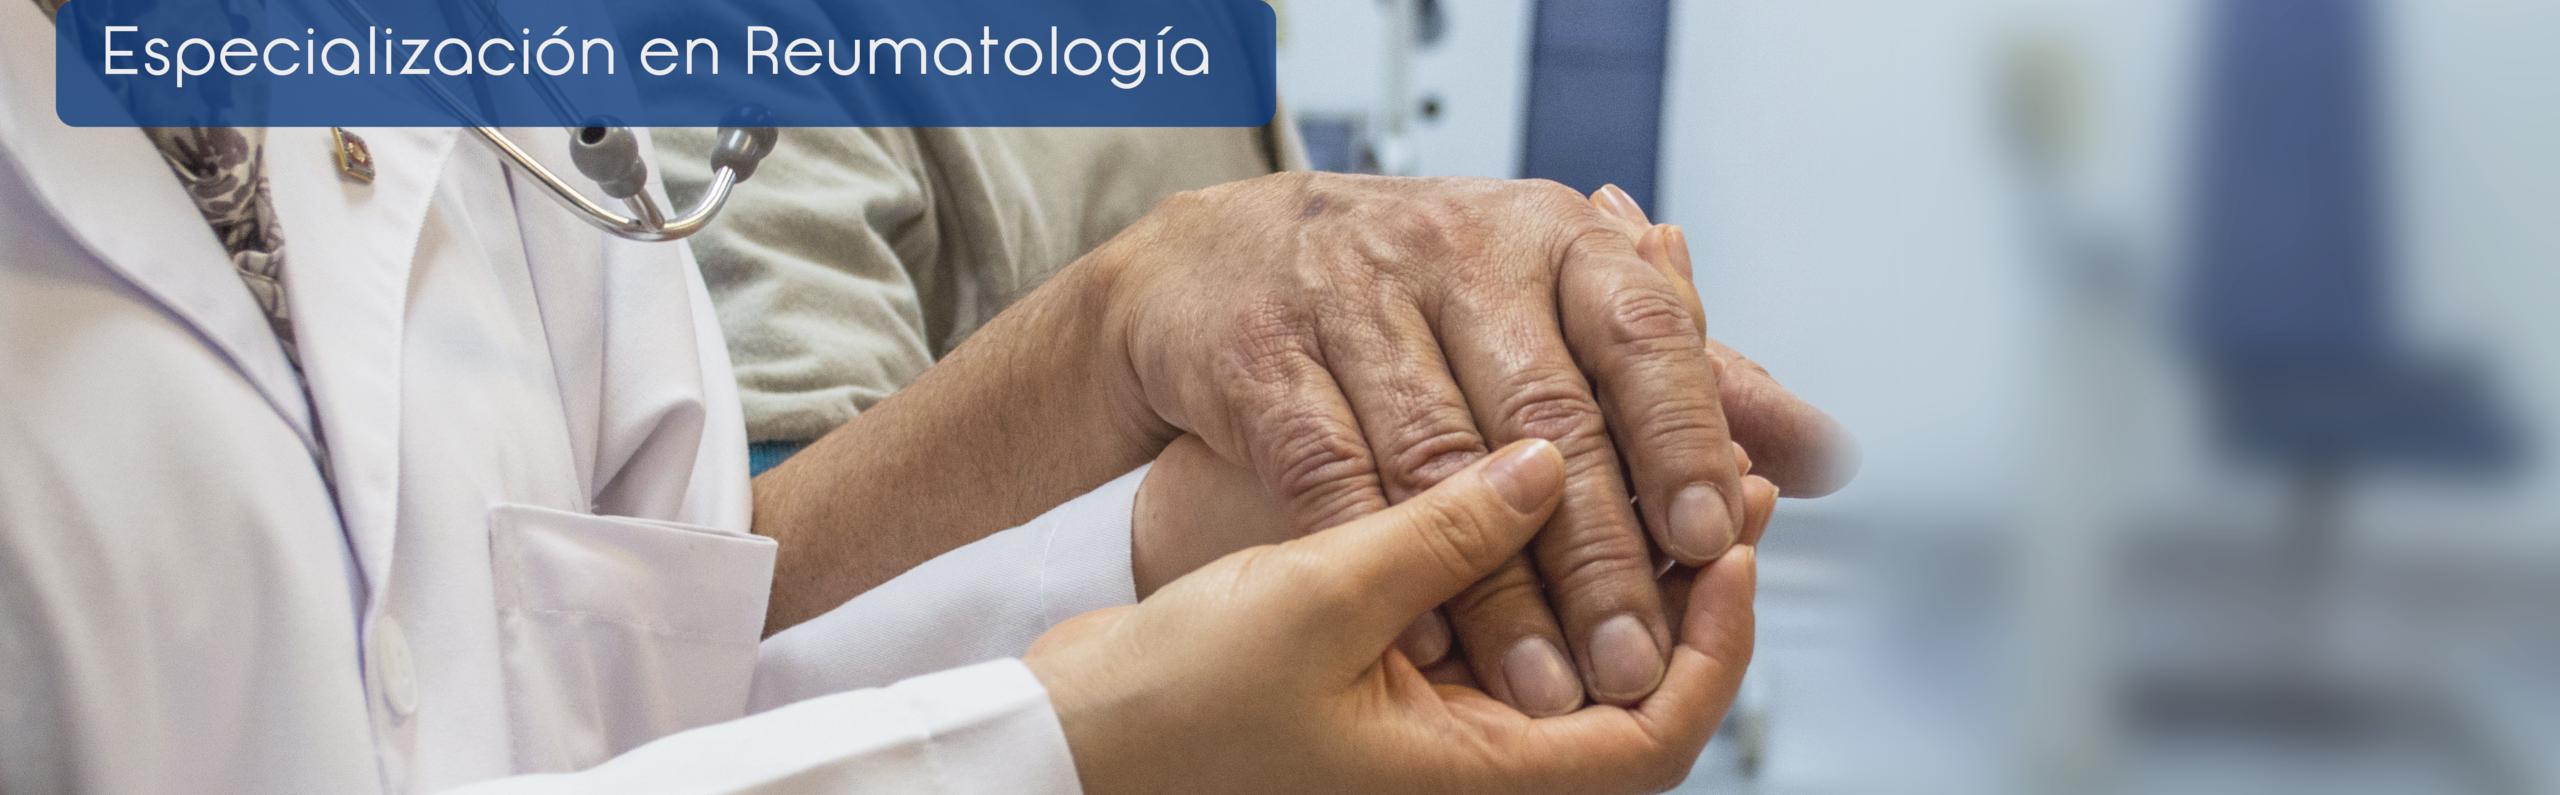 Especialización en Reumatología